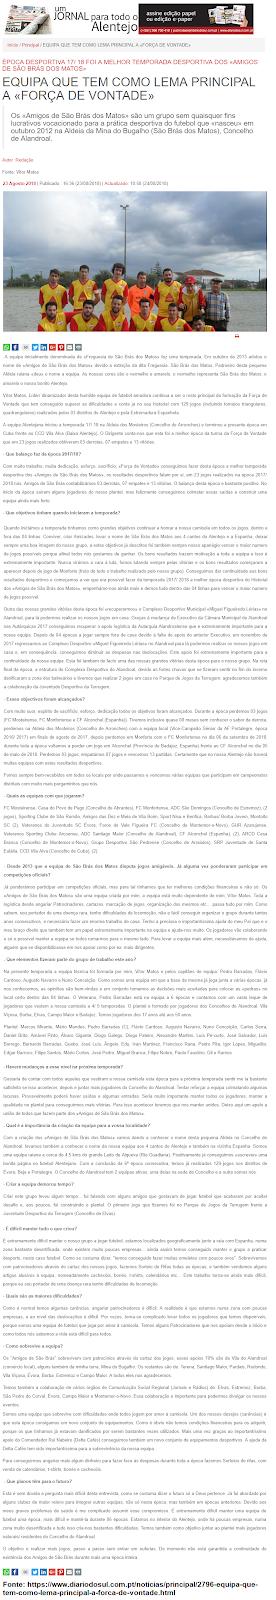 GRANDE ENTREVISTA NO JORNAL «DIÁRIO DO SUL»